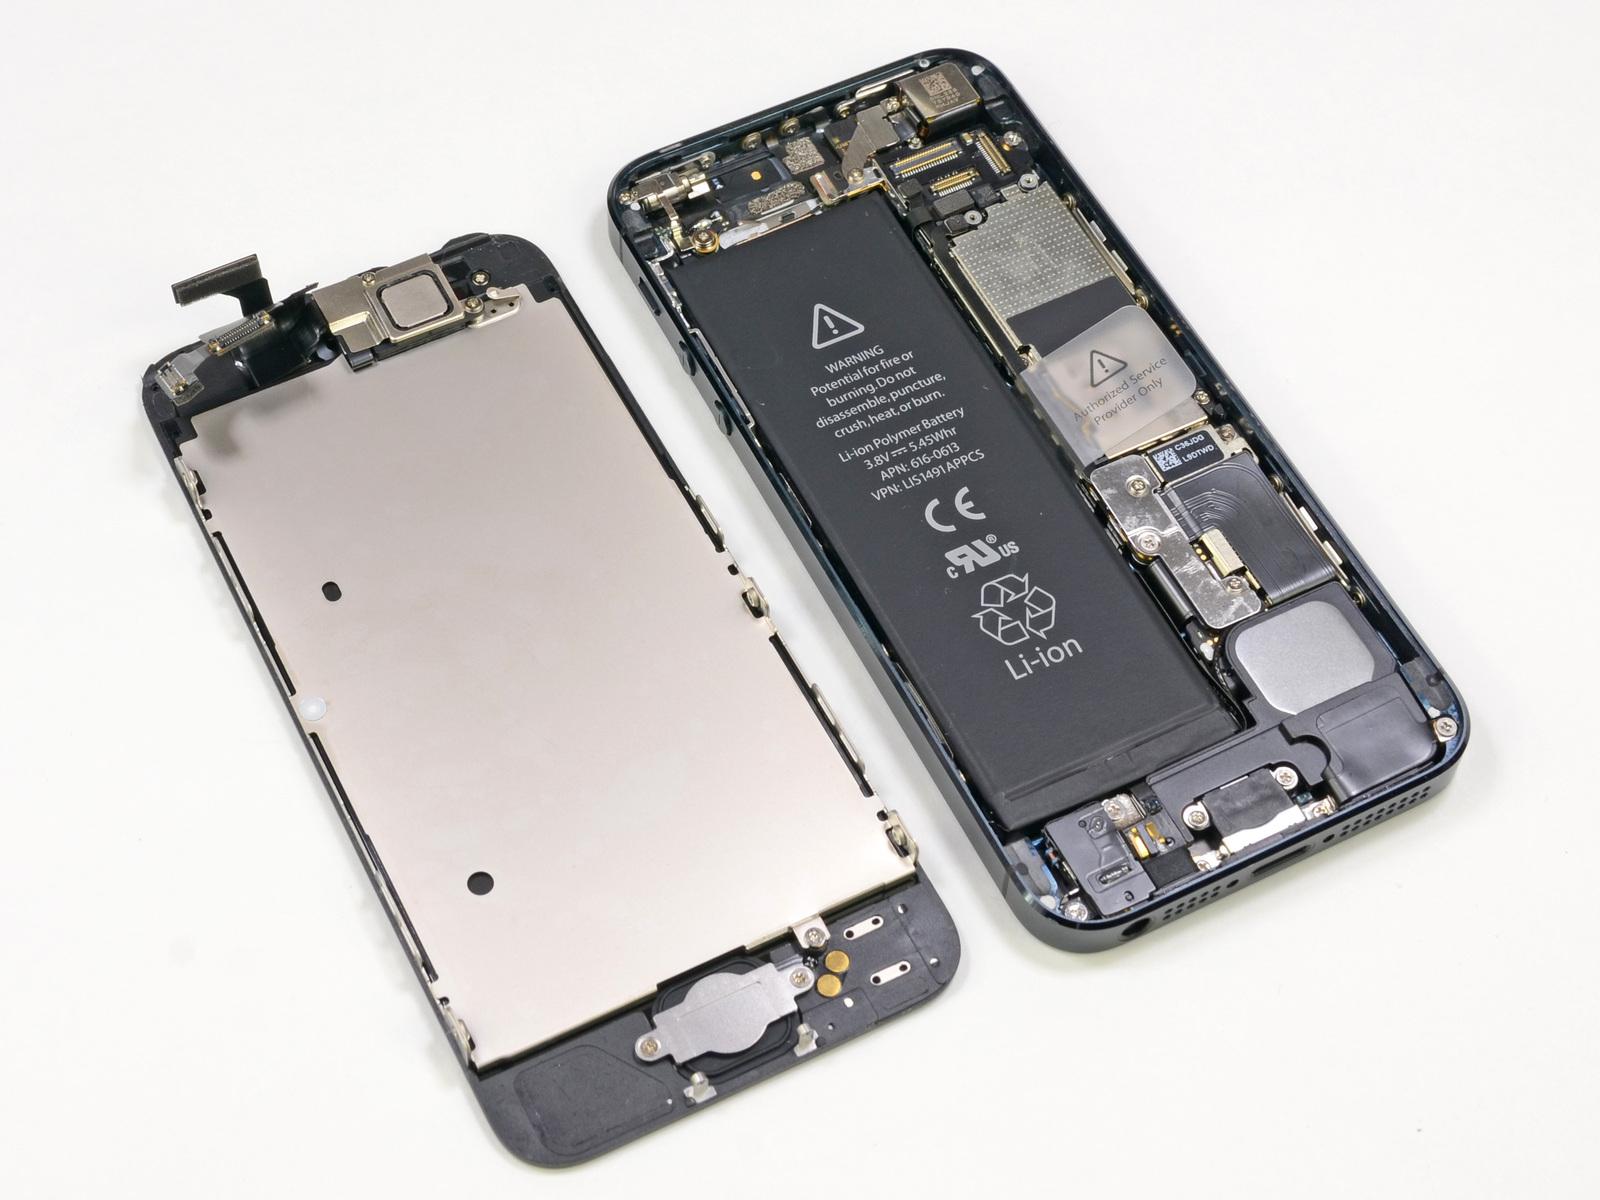 iPhone 5S repair parts